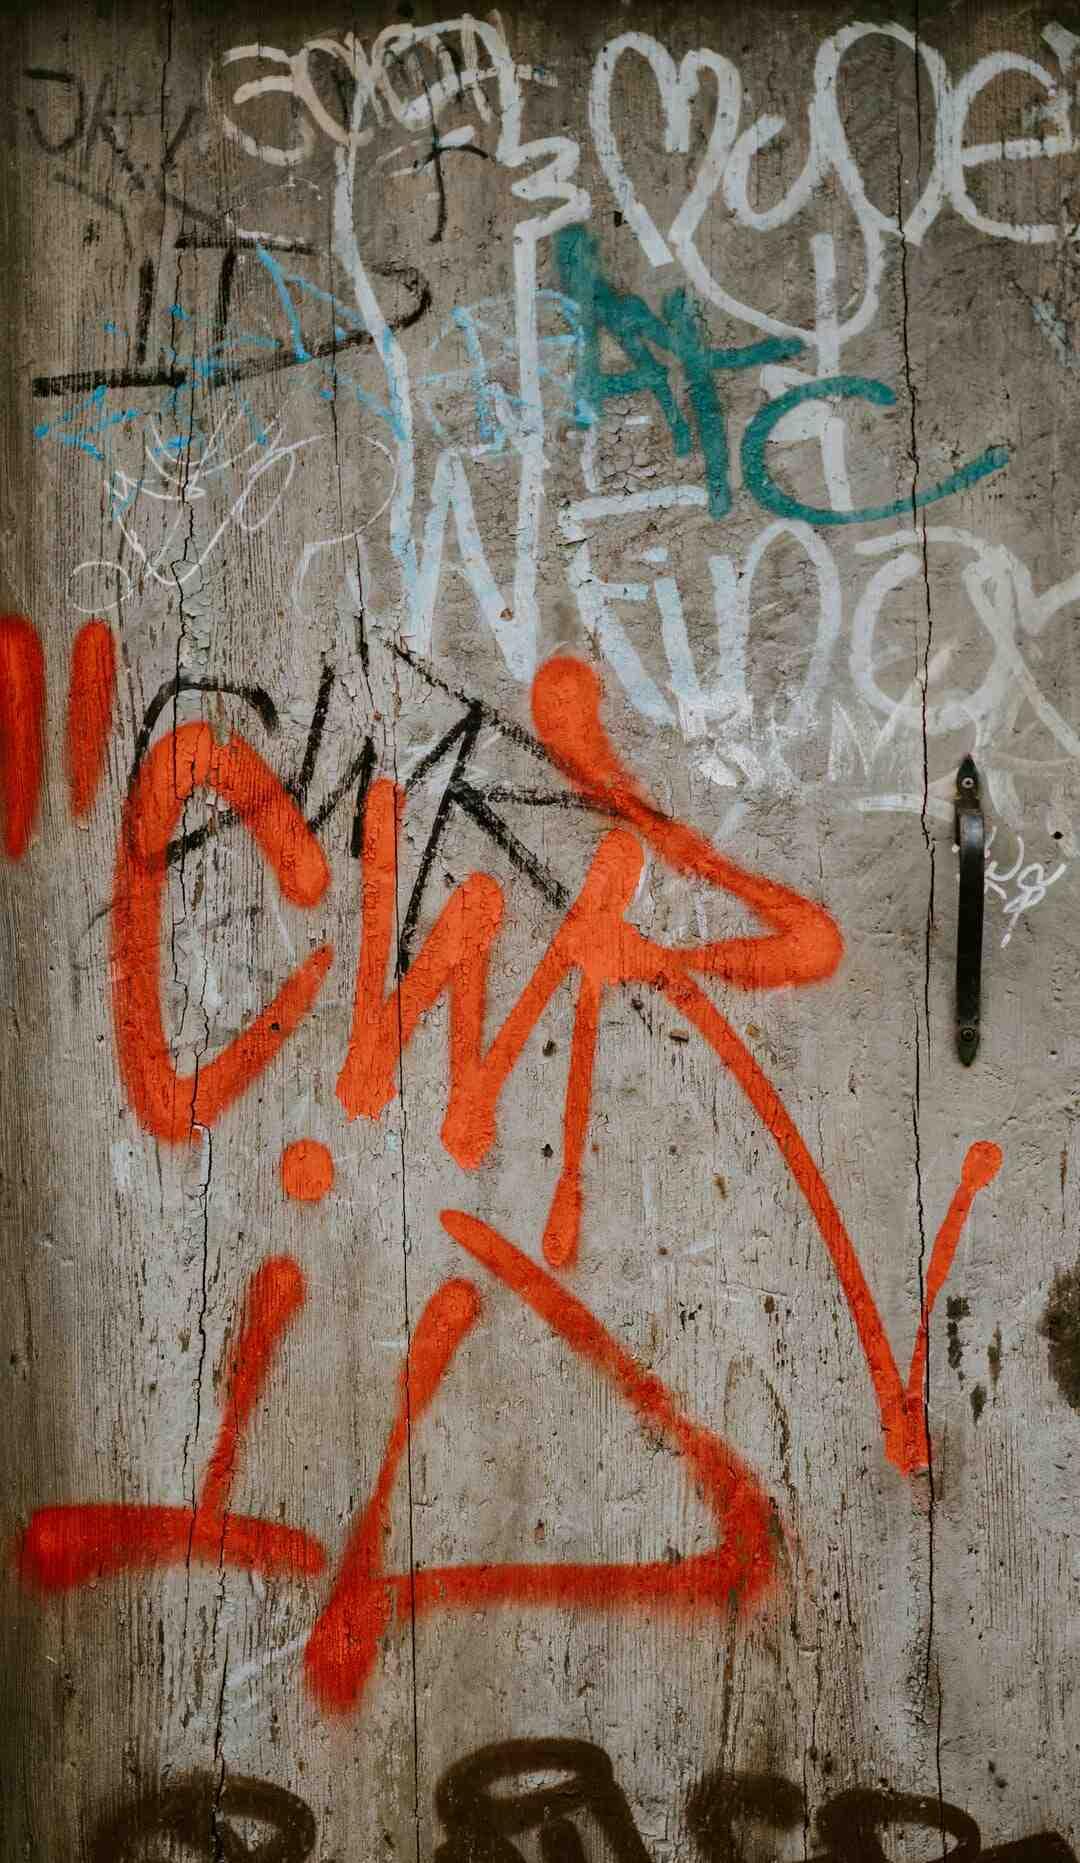 O que é um Bomb Graffiti?